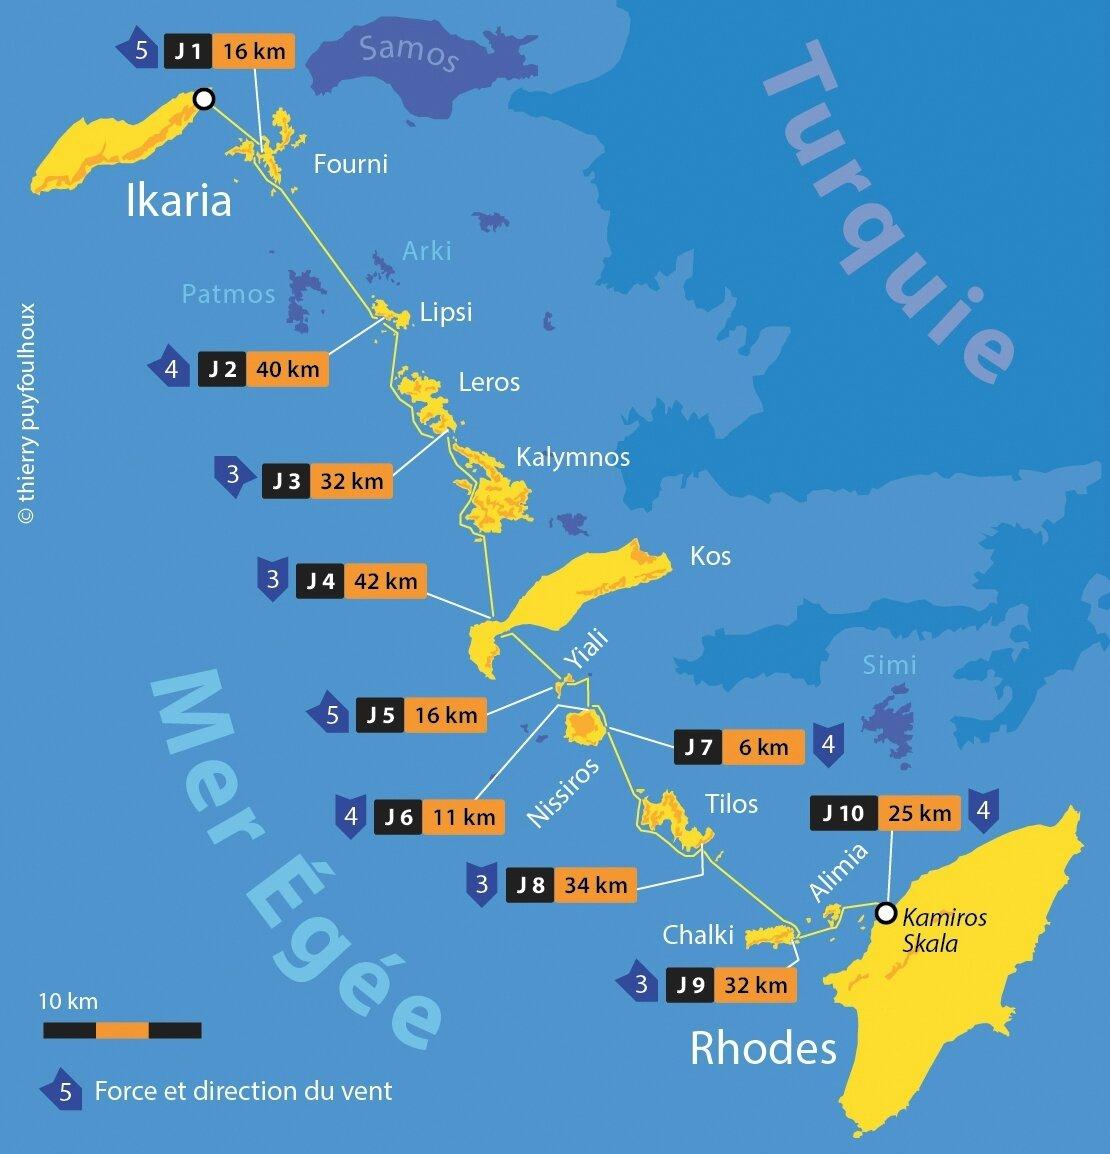 10 jours de navigation pour 254 km